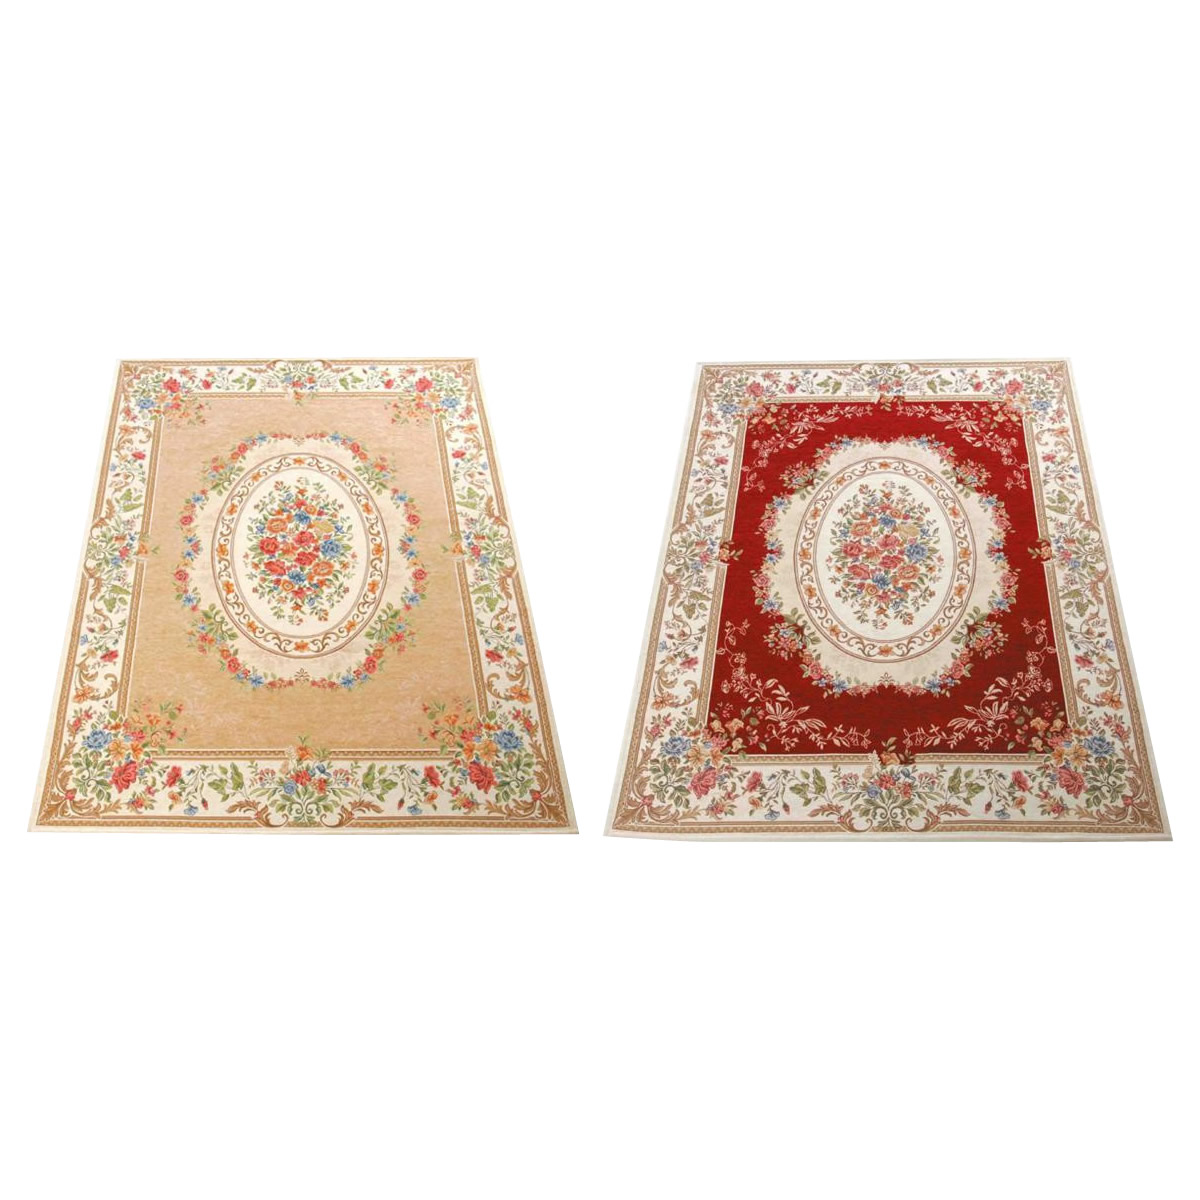 ゴブラン織 シェニールカーペット 6畳用(約240×330cm)【送料無料】